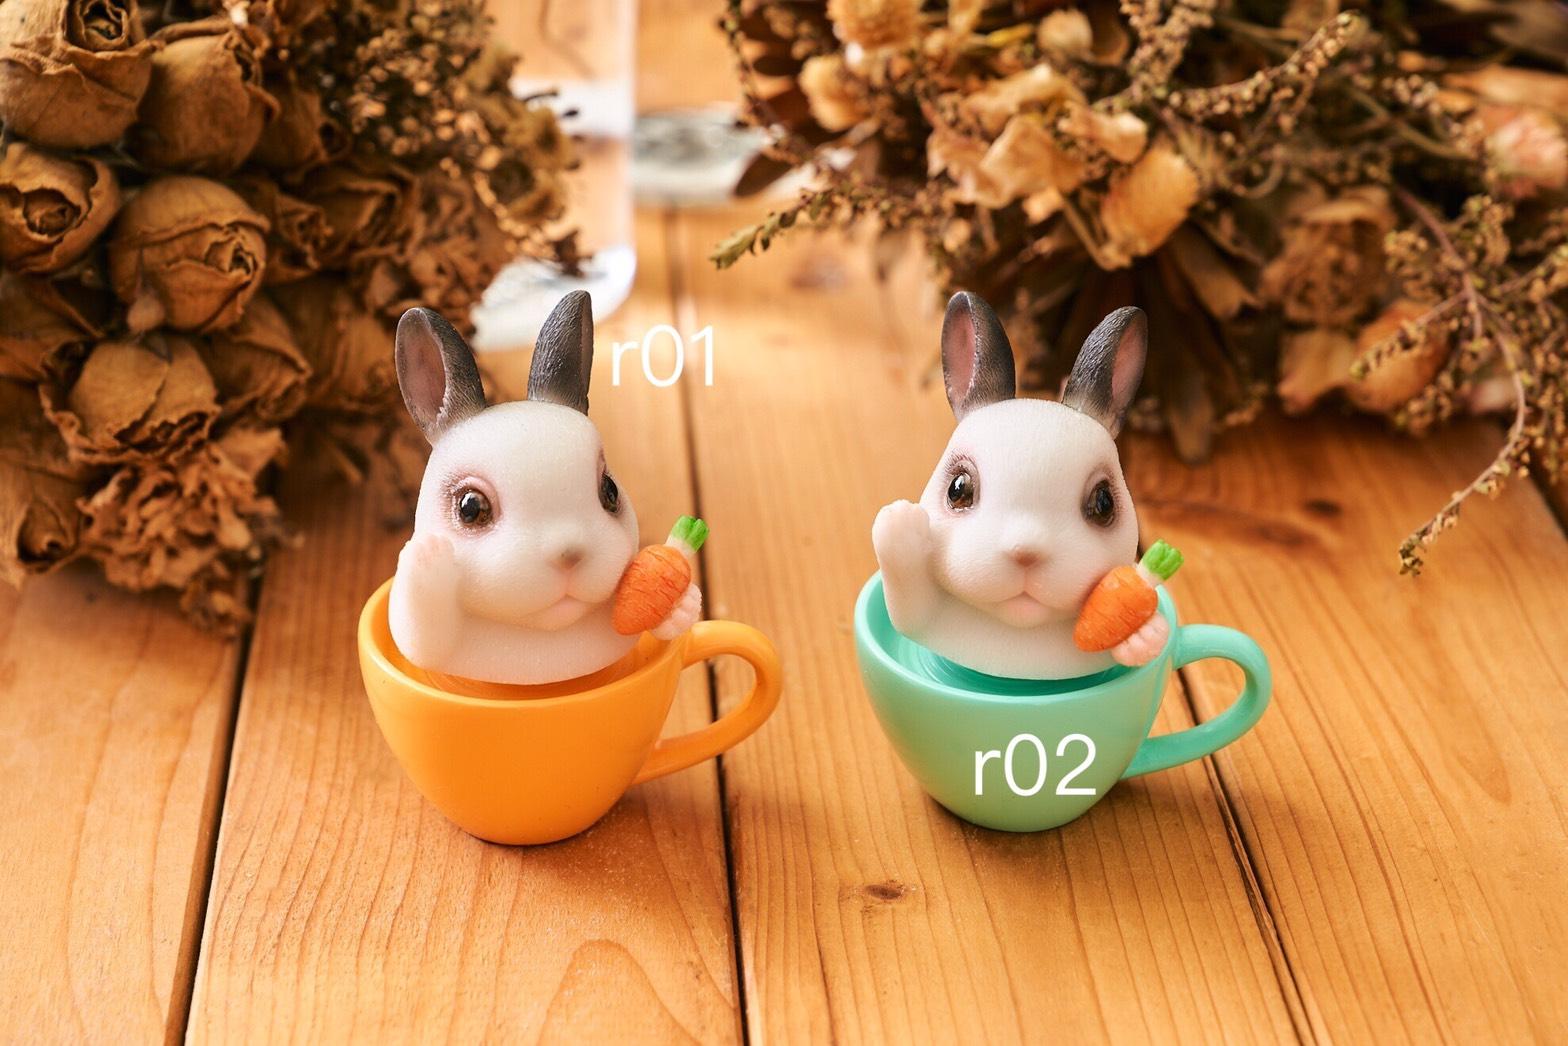 兔子編號.jpg